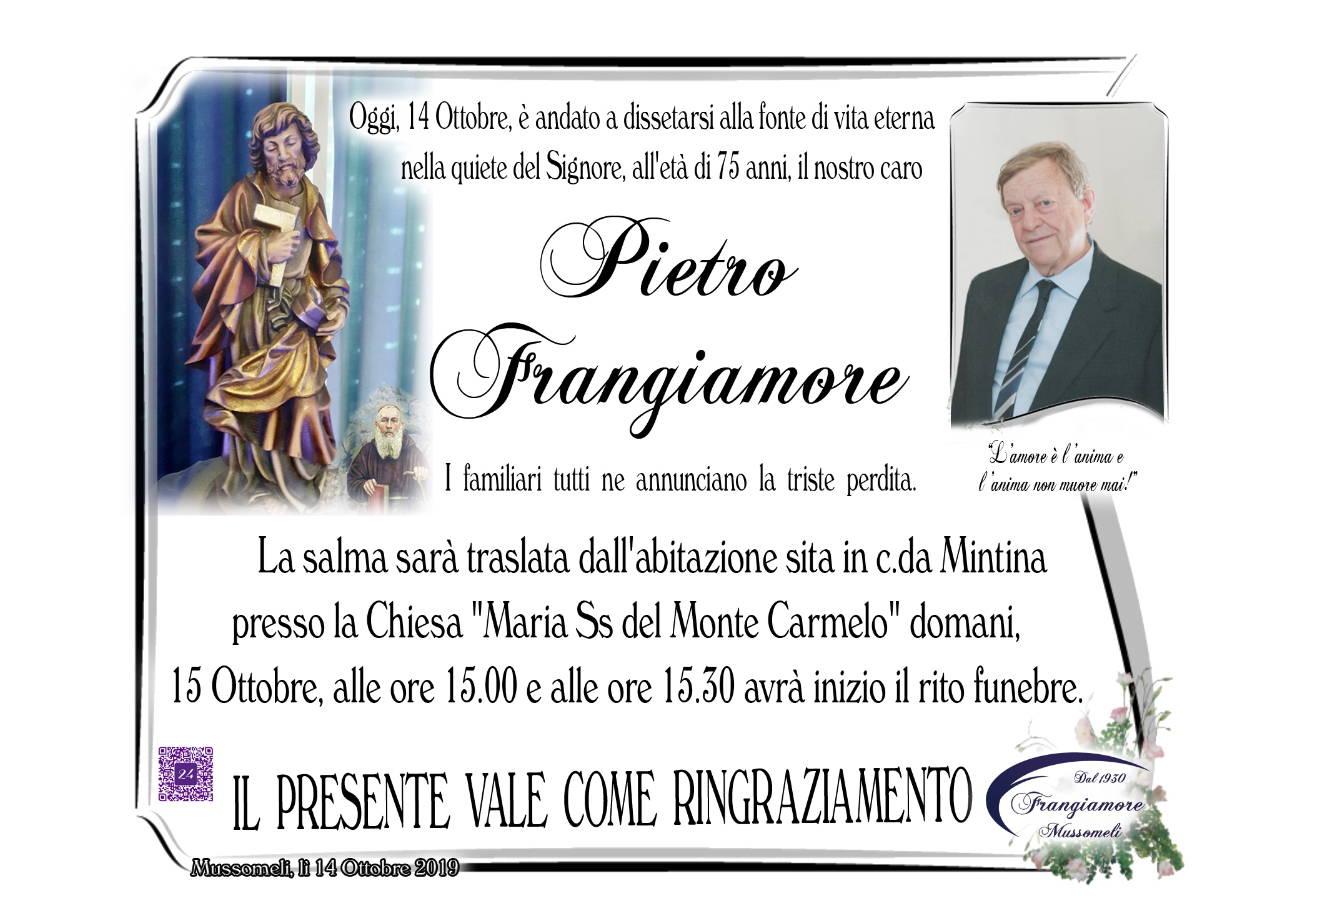 Pietro Frangiamore